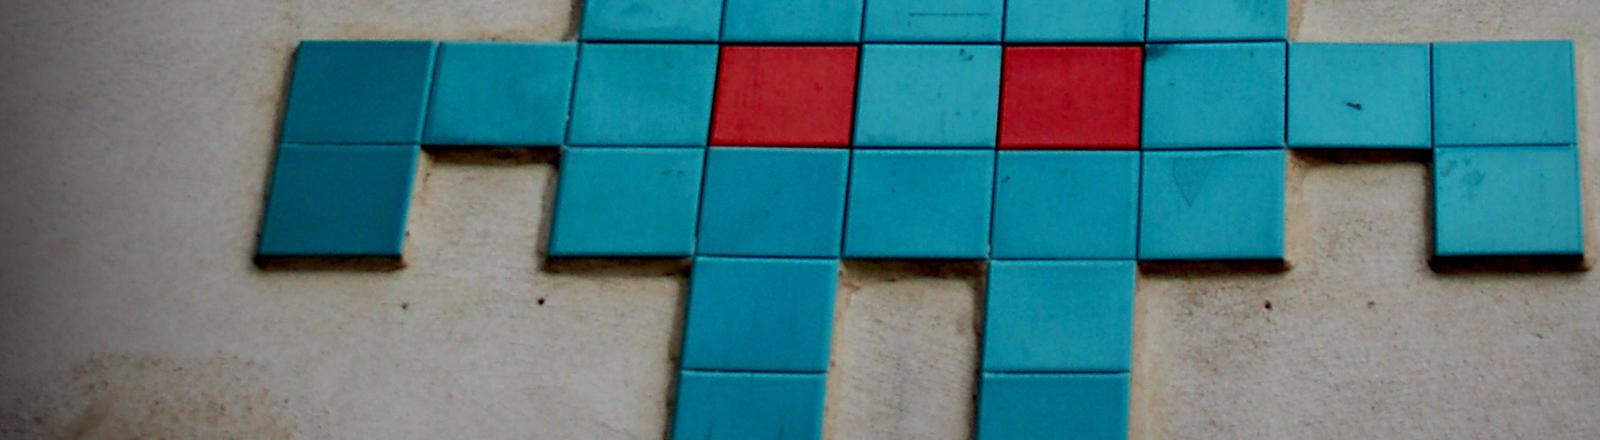 Space-Invaders-Symbol als Mosaik auf einer Hauswand.